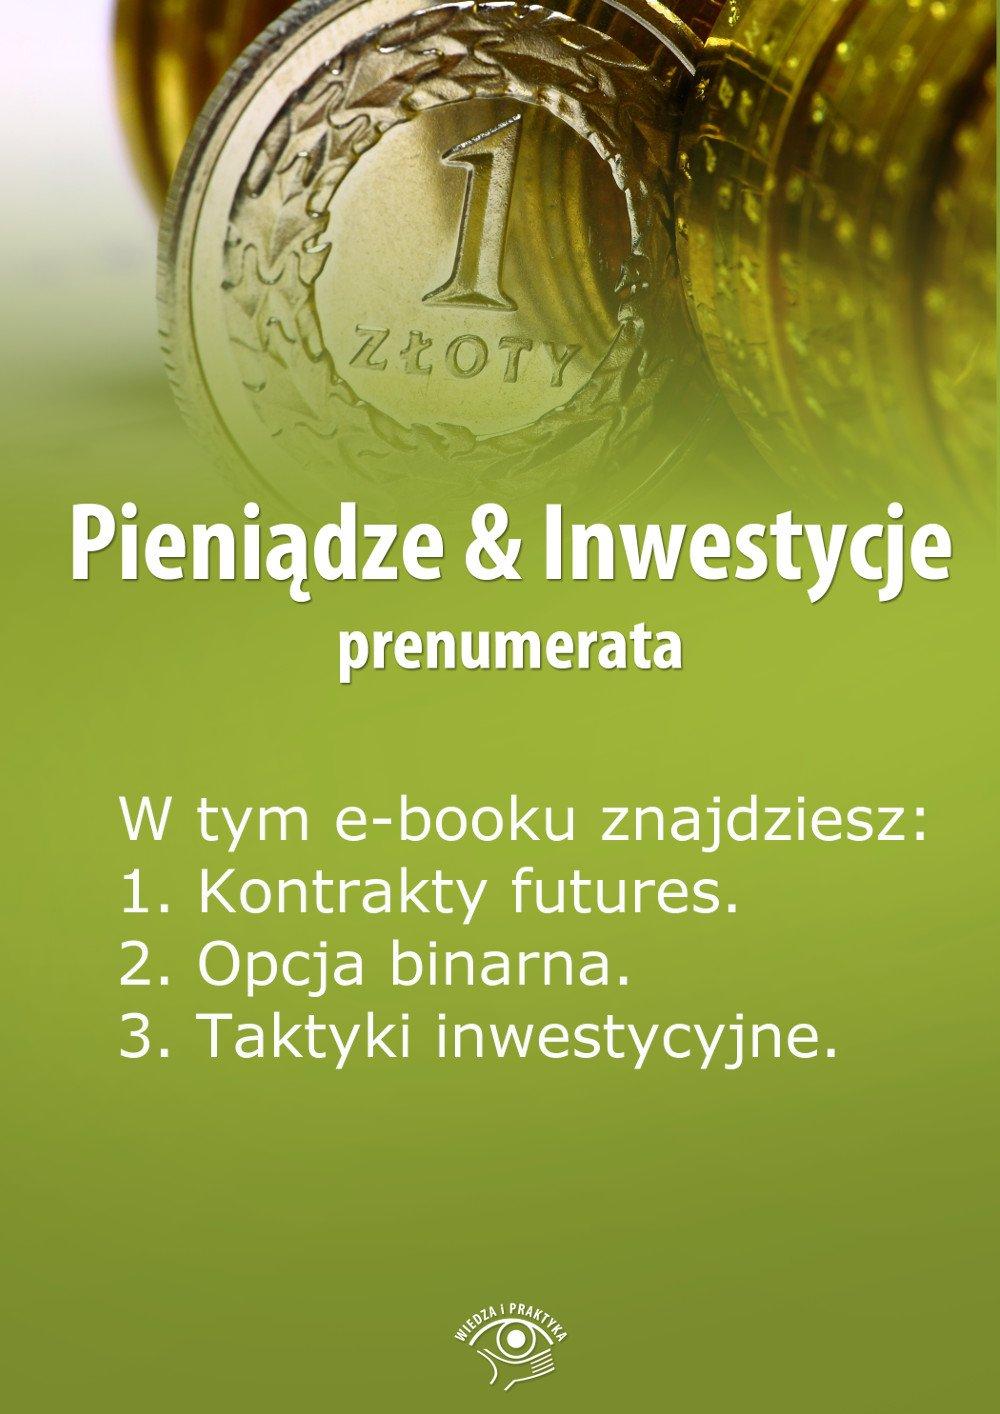 Pieniądze & Inwestycje. Wydanie specjalne marzec 2014 r. - Ebook (Książka EPUB) do pobrania w formacie EPUB